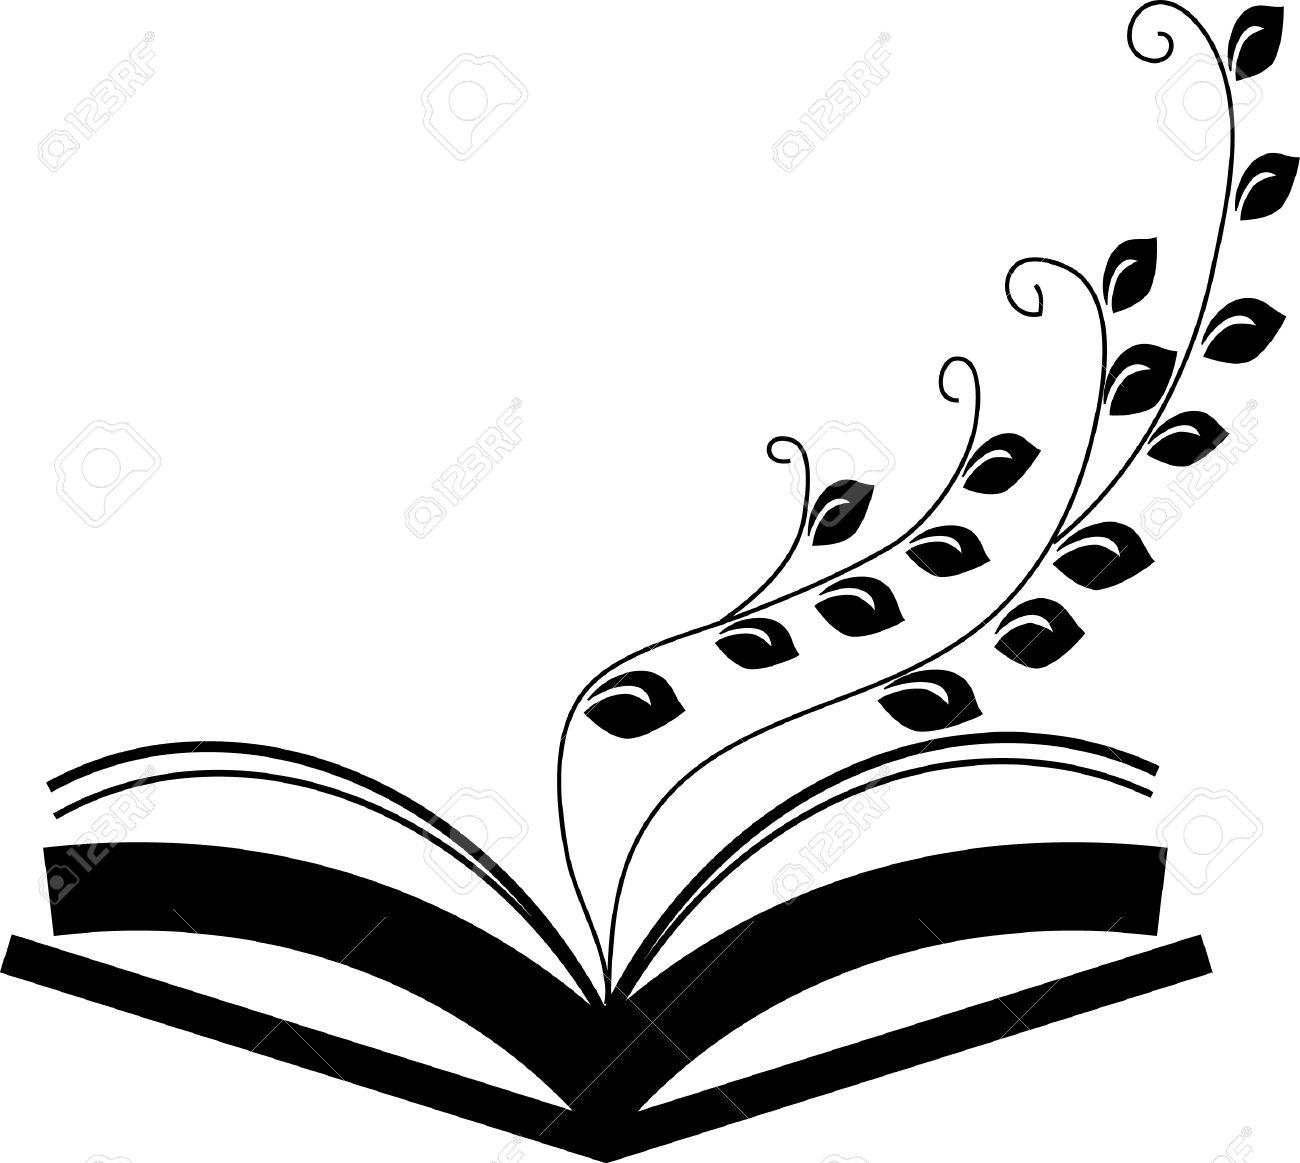 Banque dimages ecology concept arbre de papier de plus en plus à partir dun livre ouvert de fond en noir et blanc